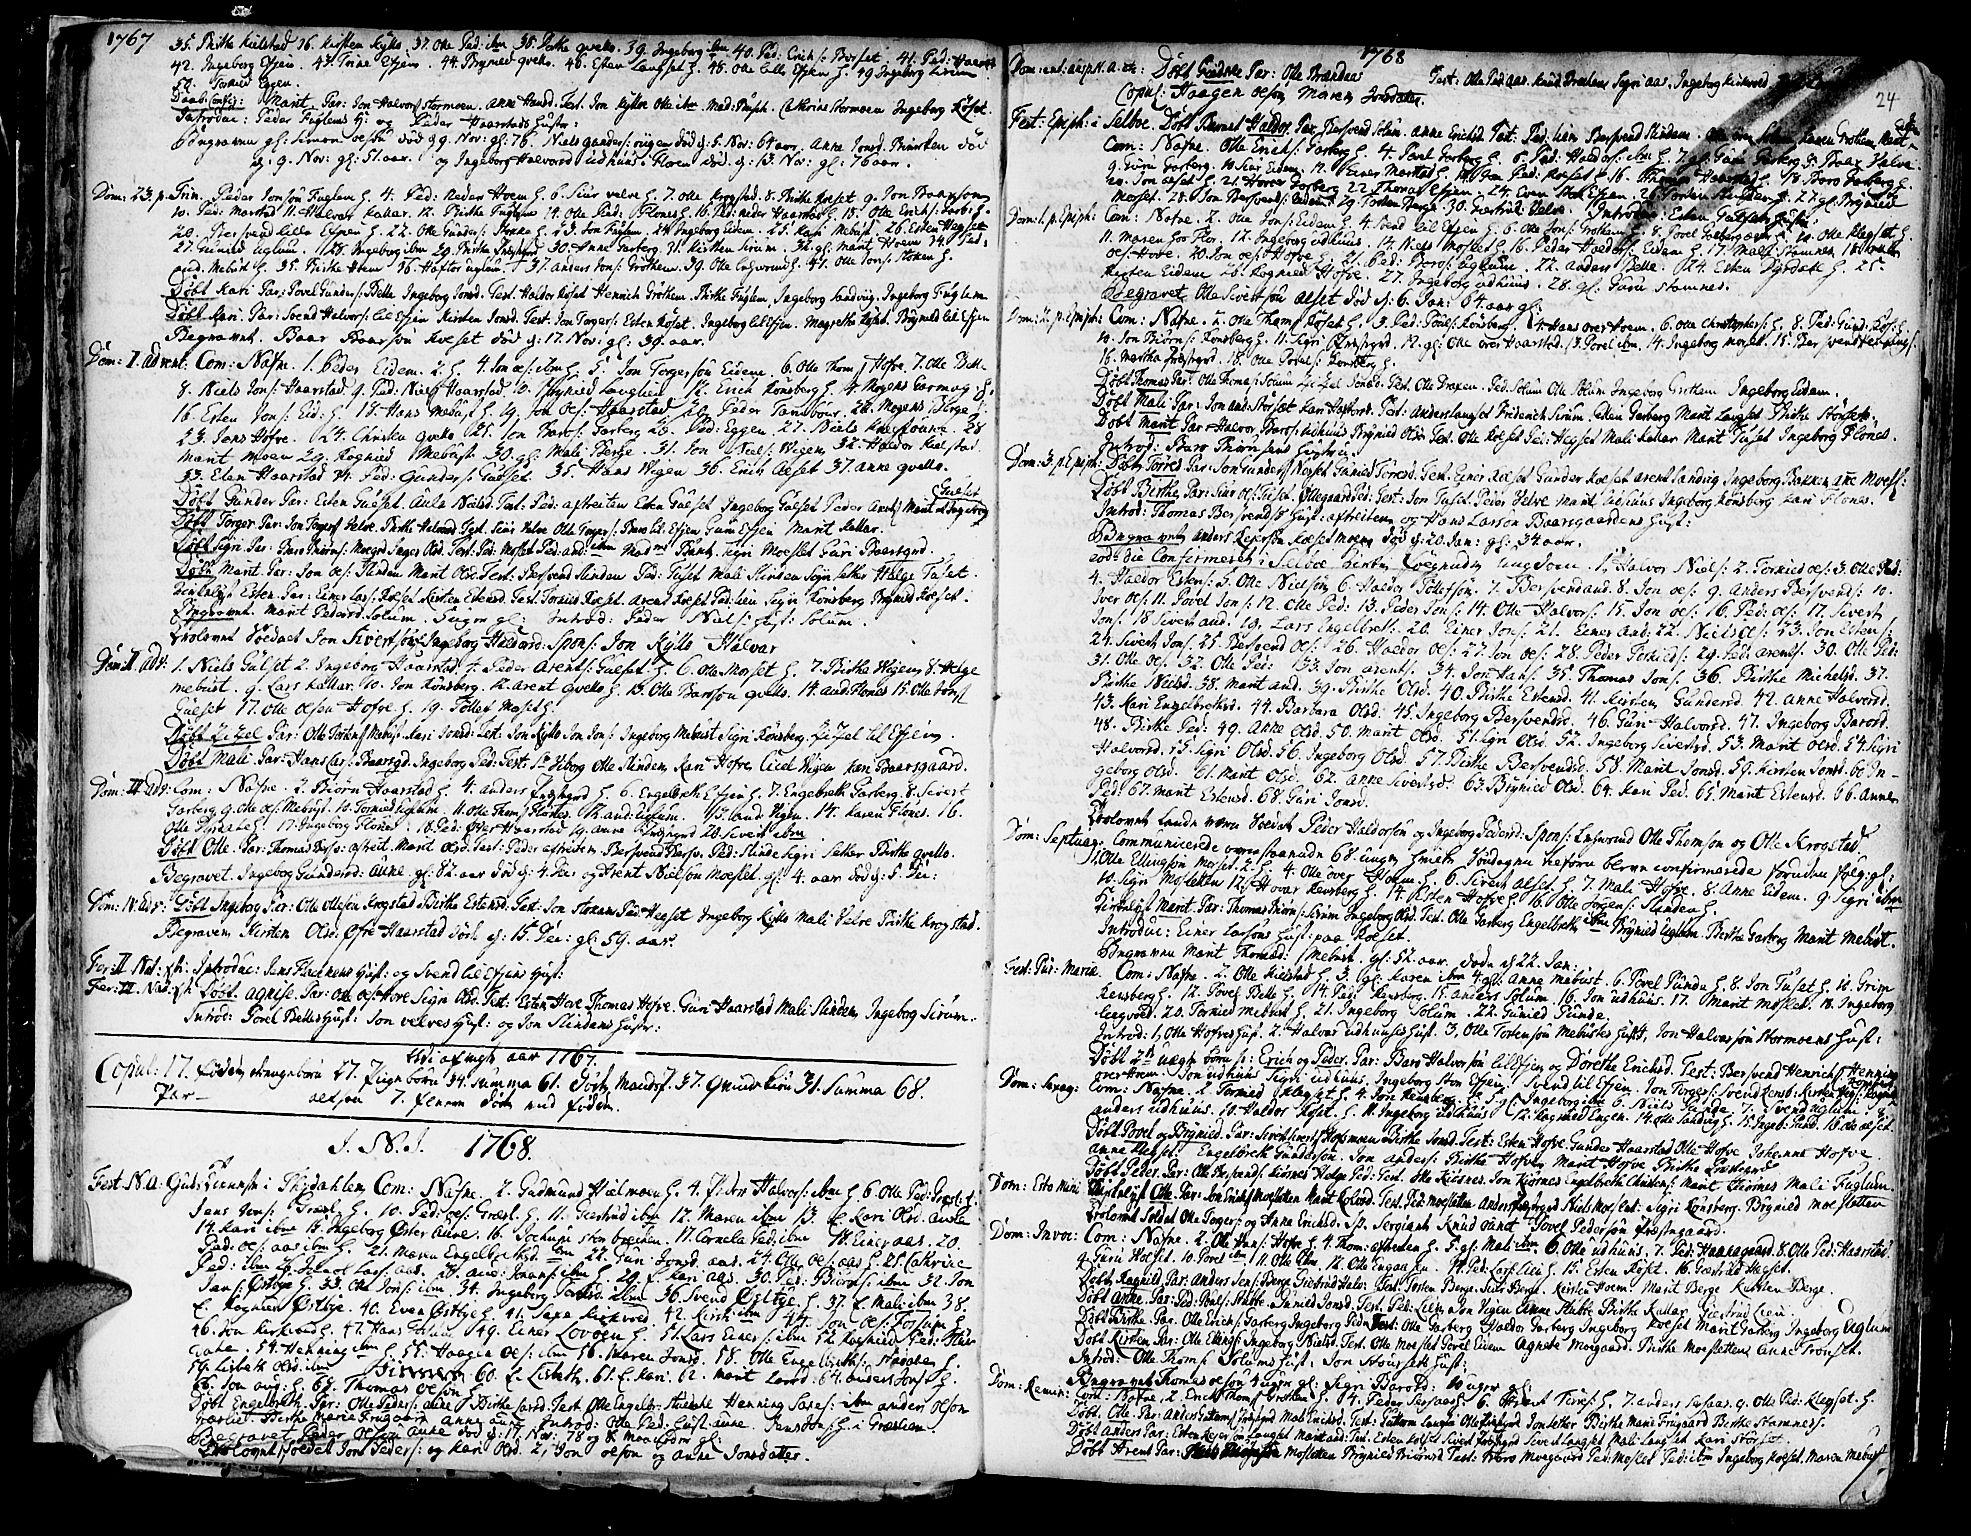 SAT, Ministerialprotokoller, klokkerbøker og fødselsregistre - Sør-Trøndelag, 695/L1138: Ministerialbok nr. 695A02 /1, 1757-1801, s. 24